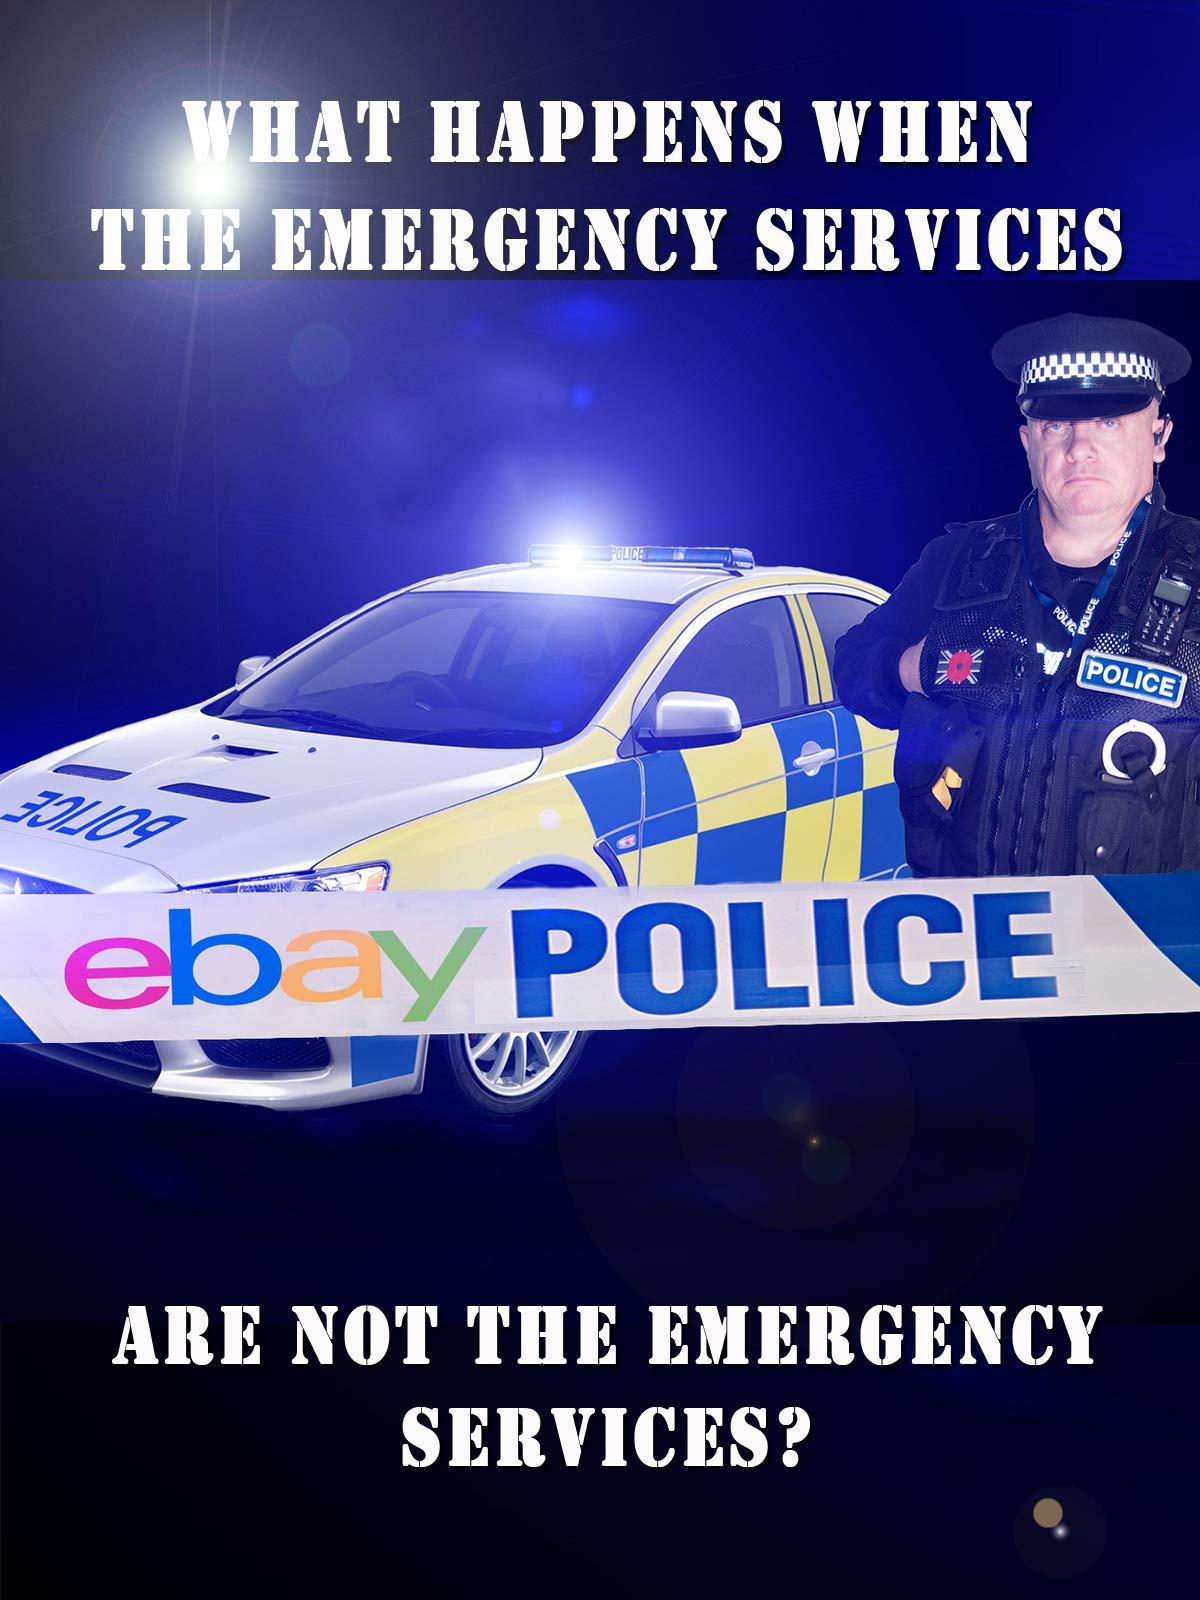 Ebay Police